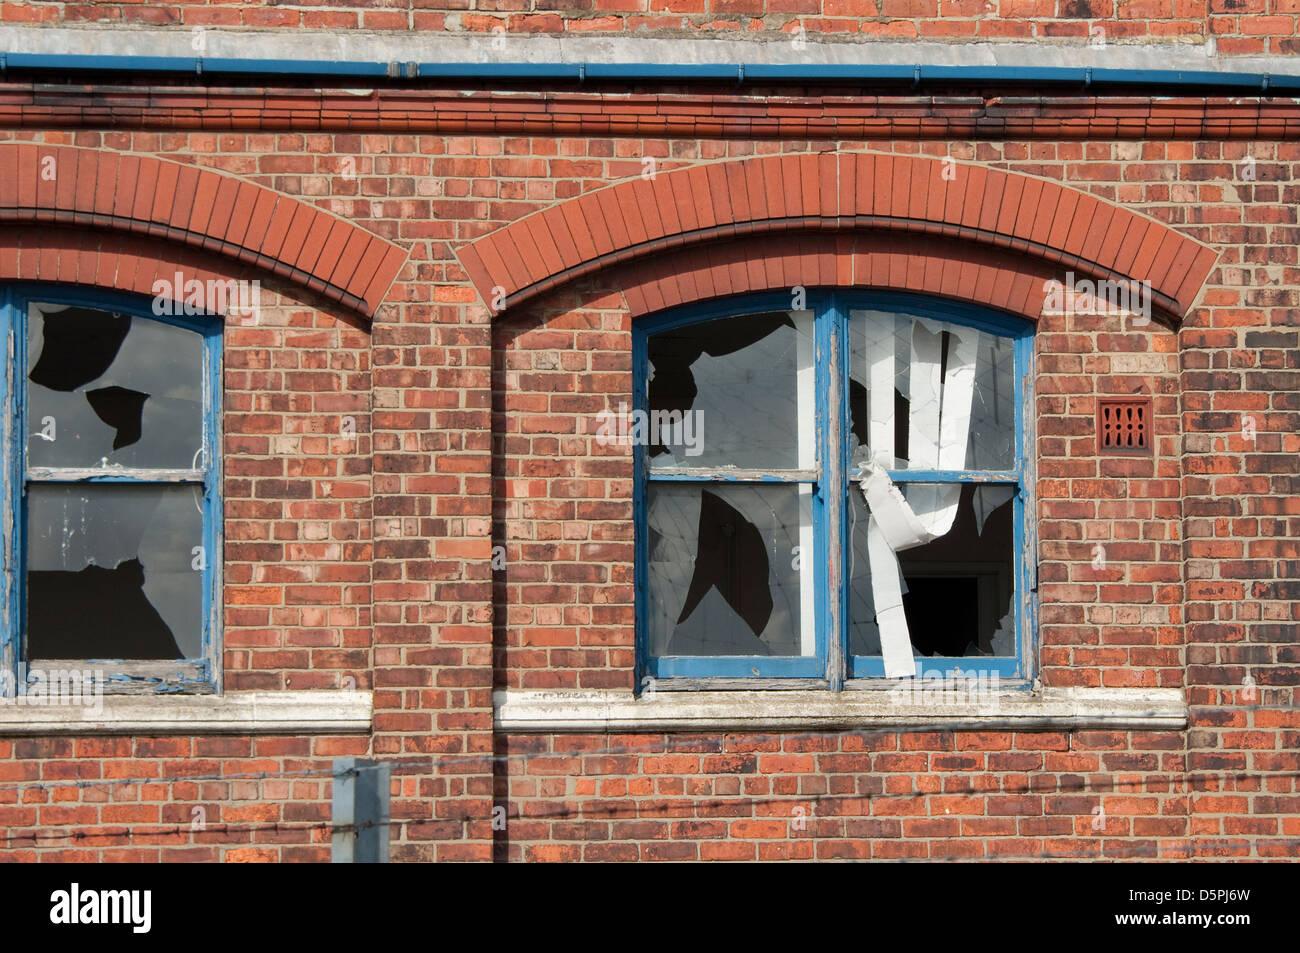 Broken windows on derelict building - Stock Image